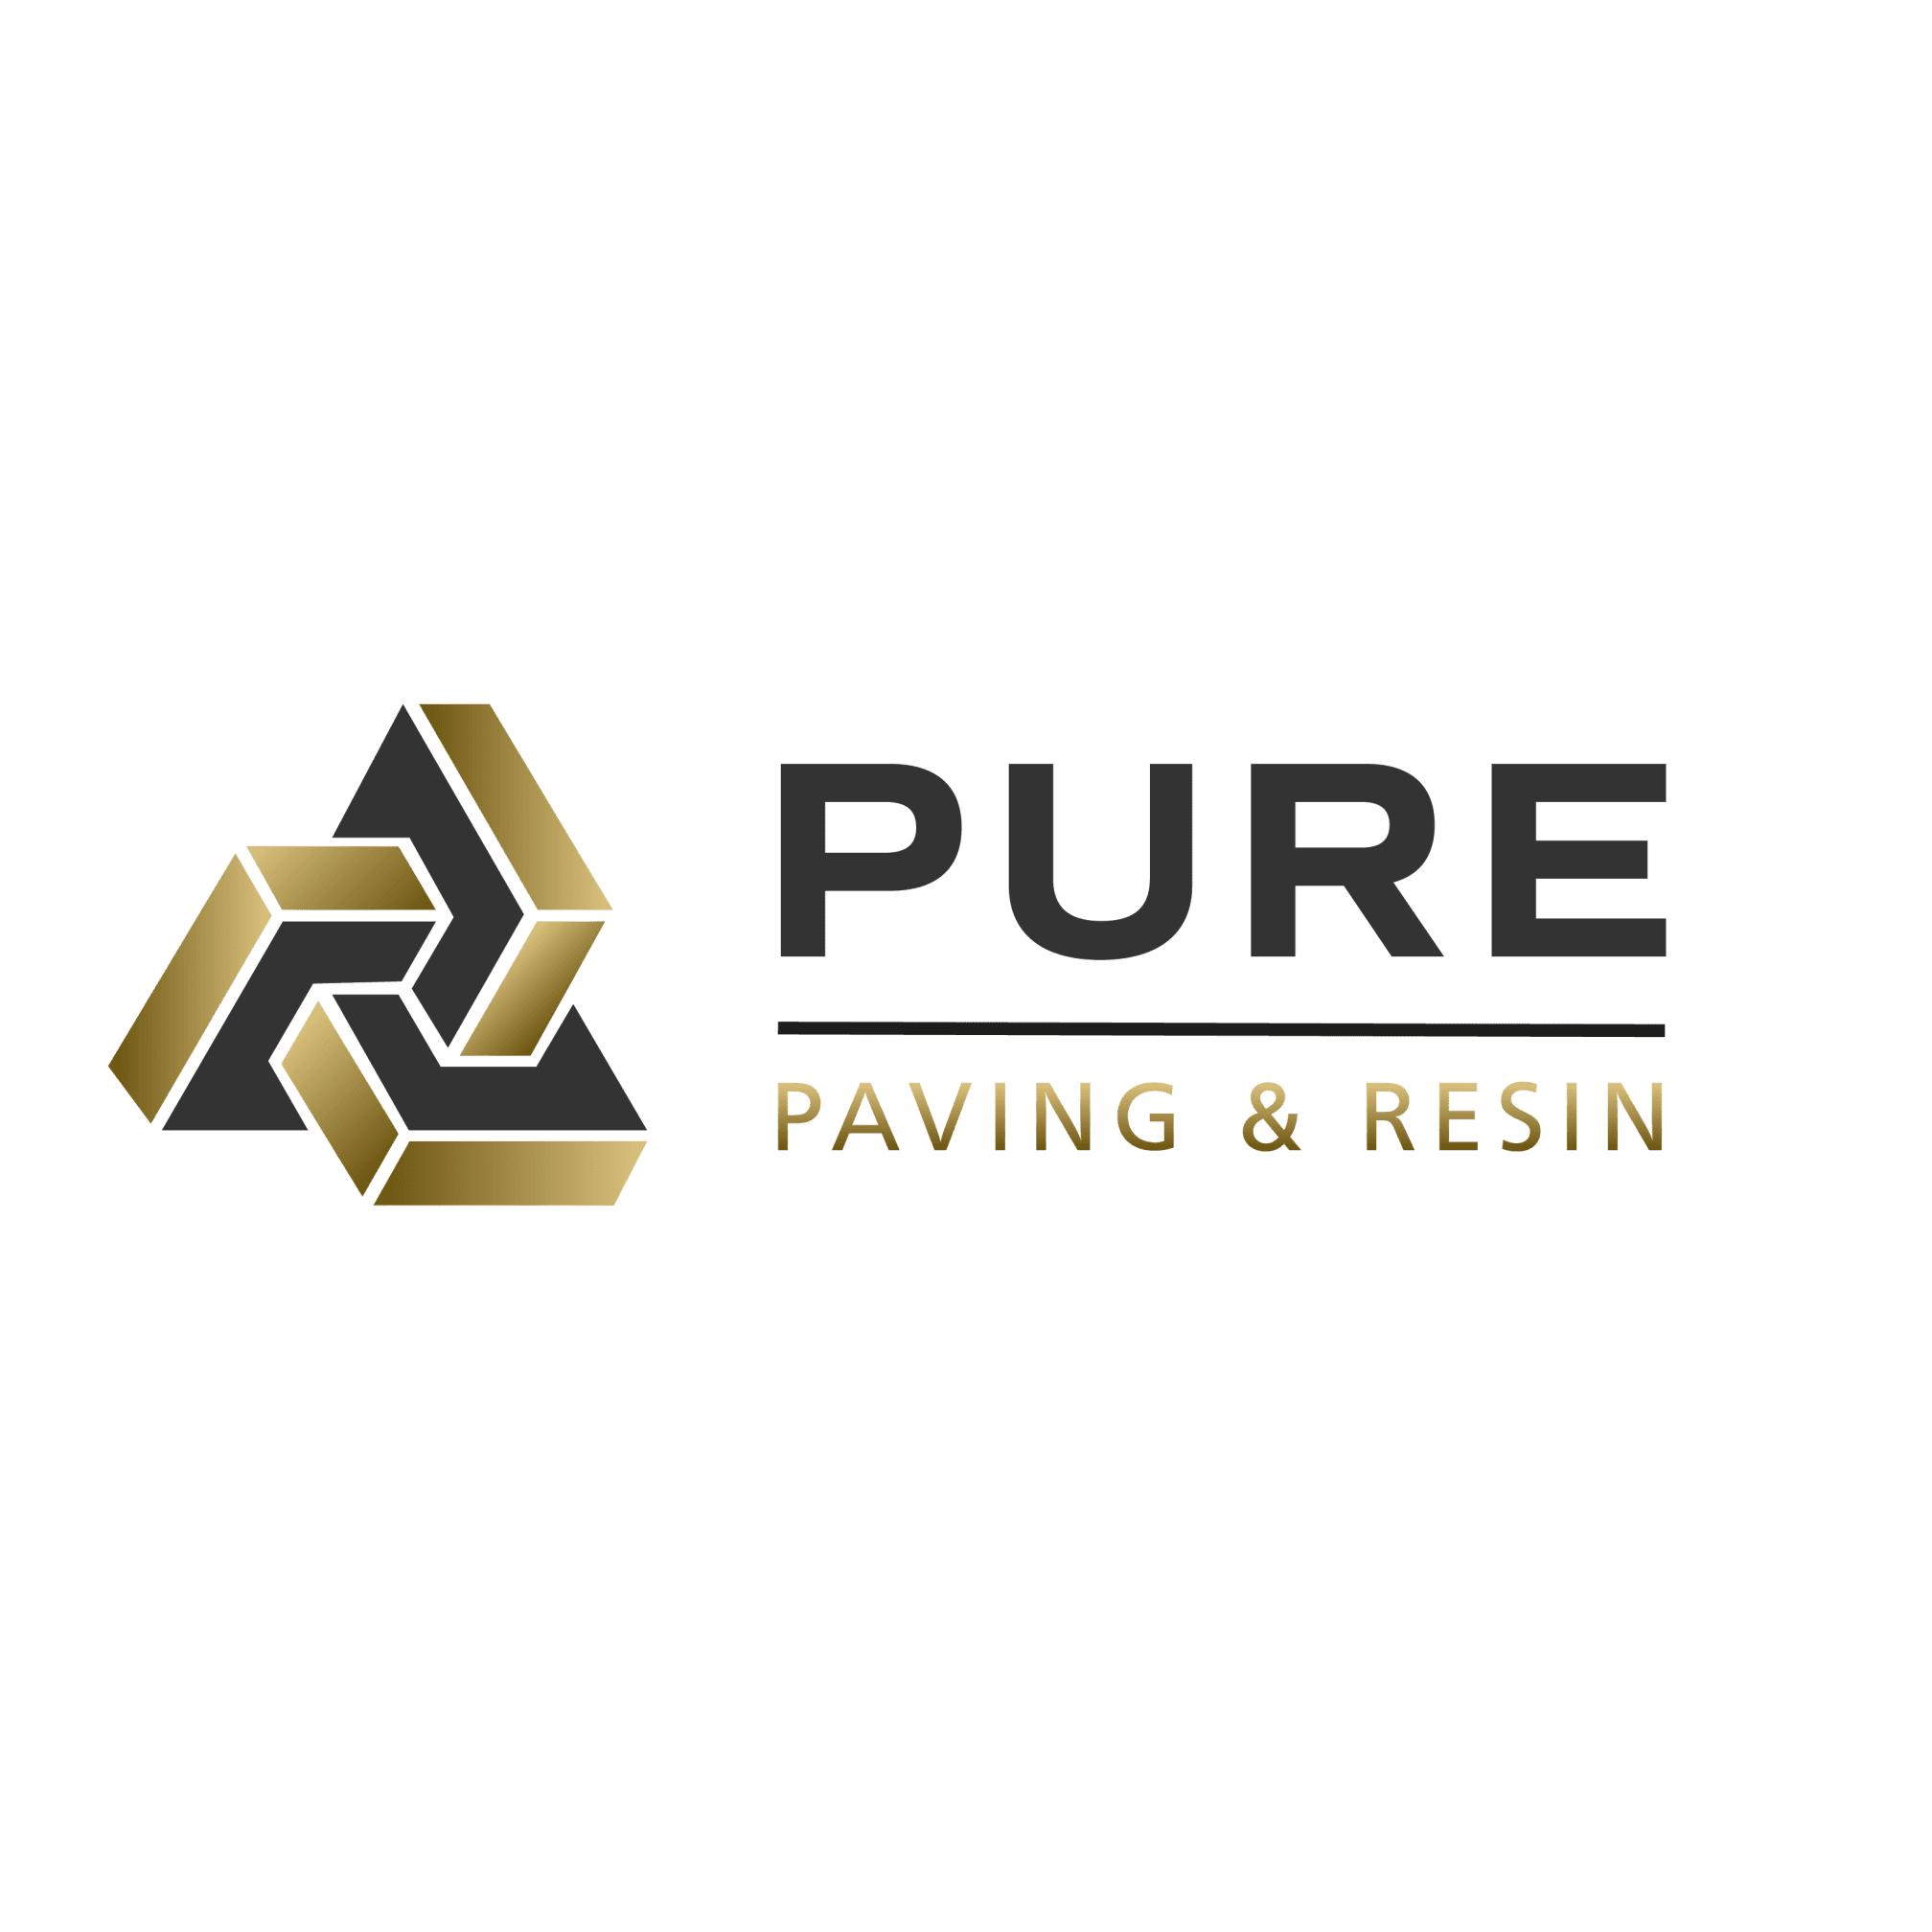 Pure Paving - London, London SE4 2DQ - 07399 733274 | ShowMeLocal.com